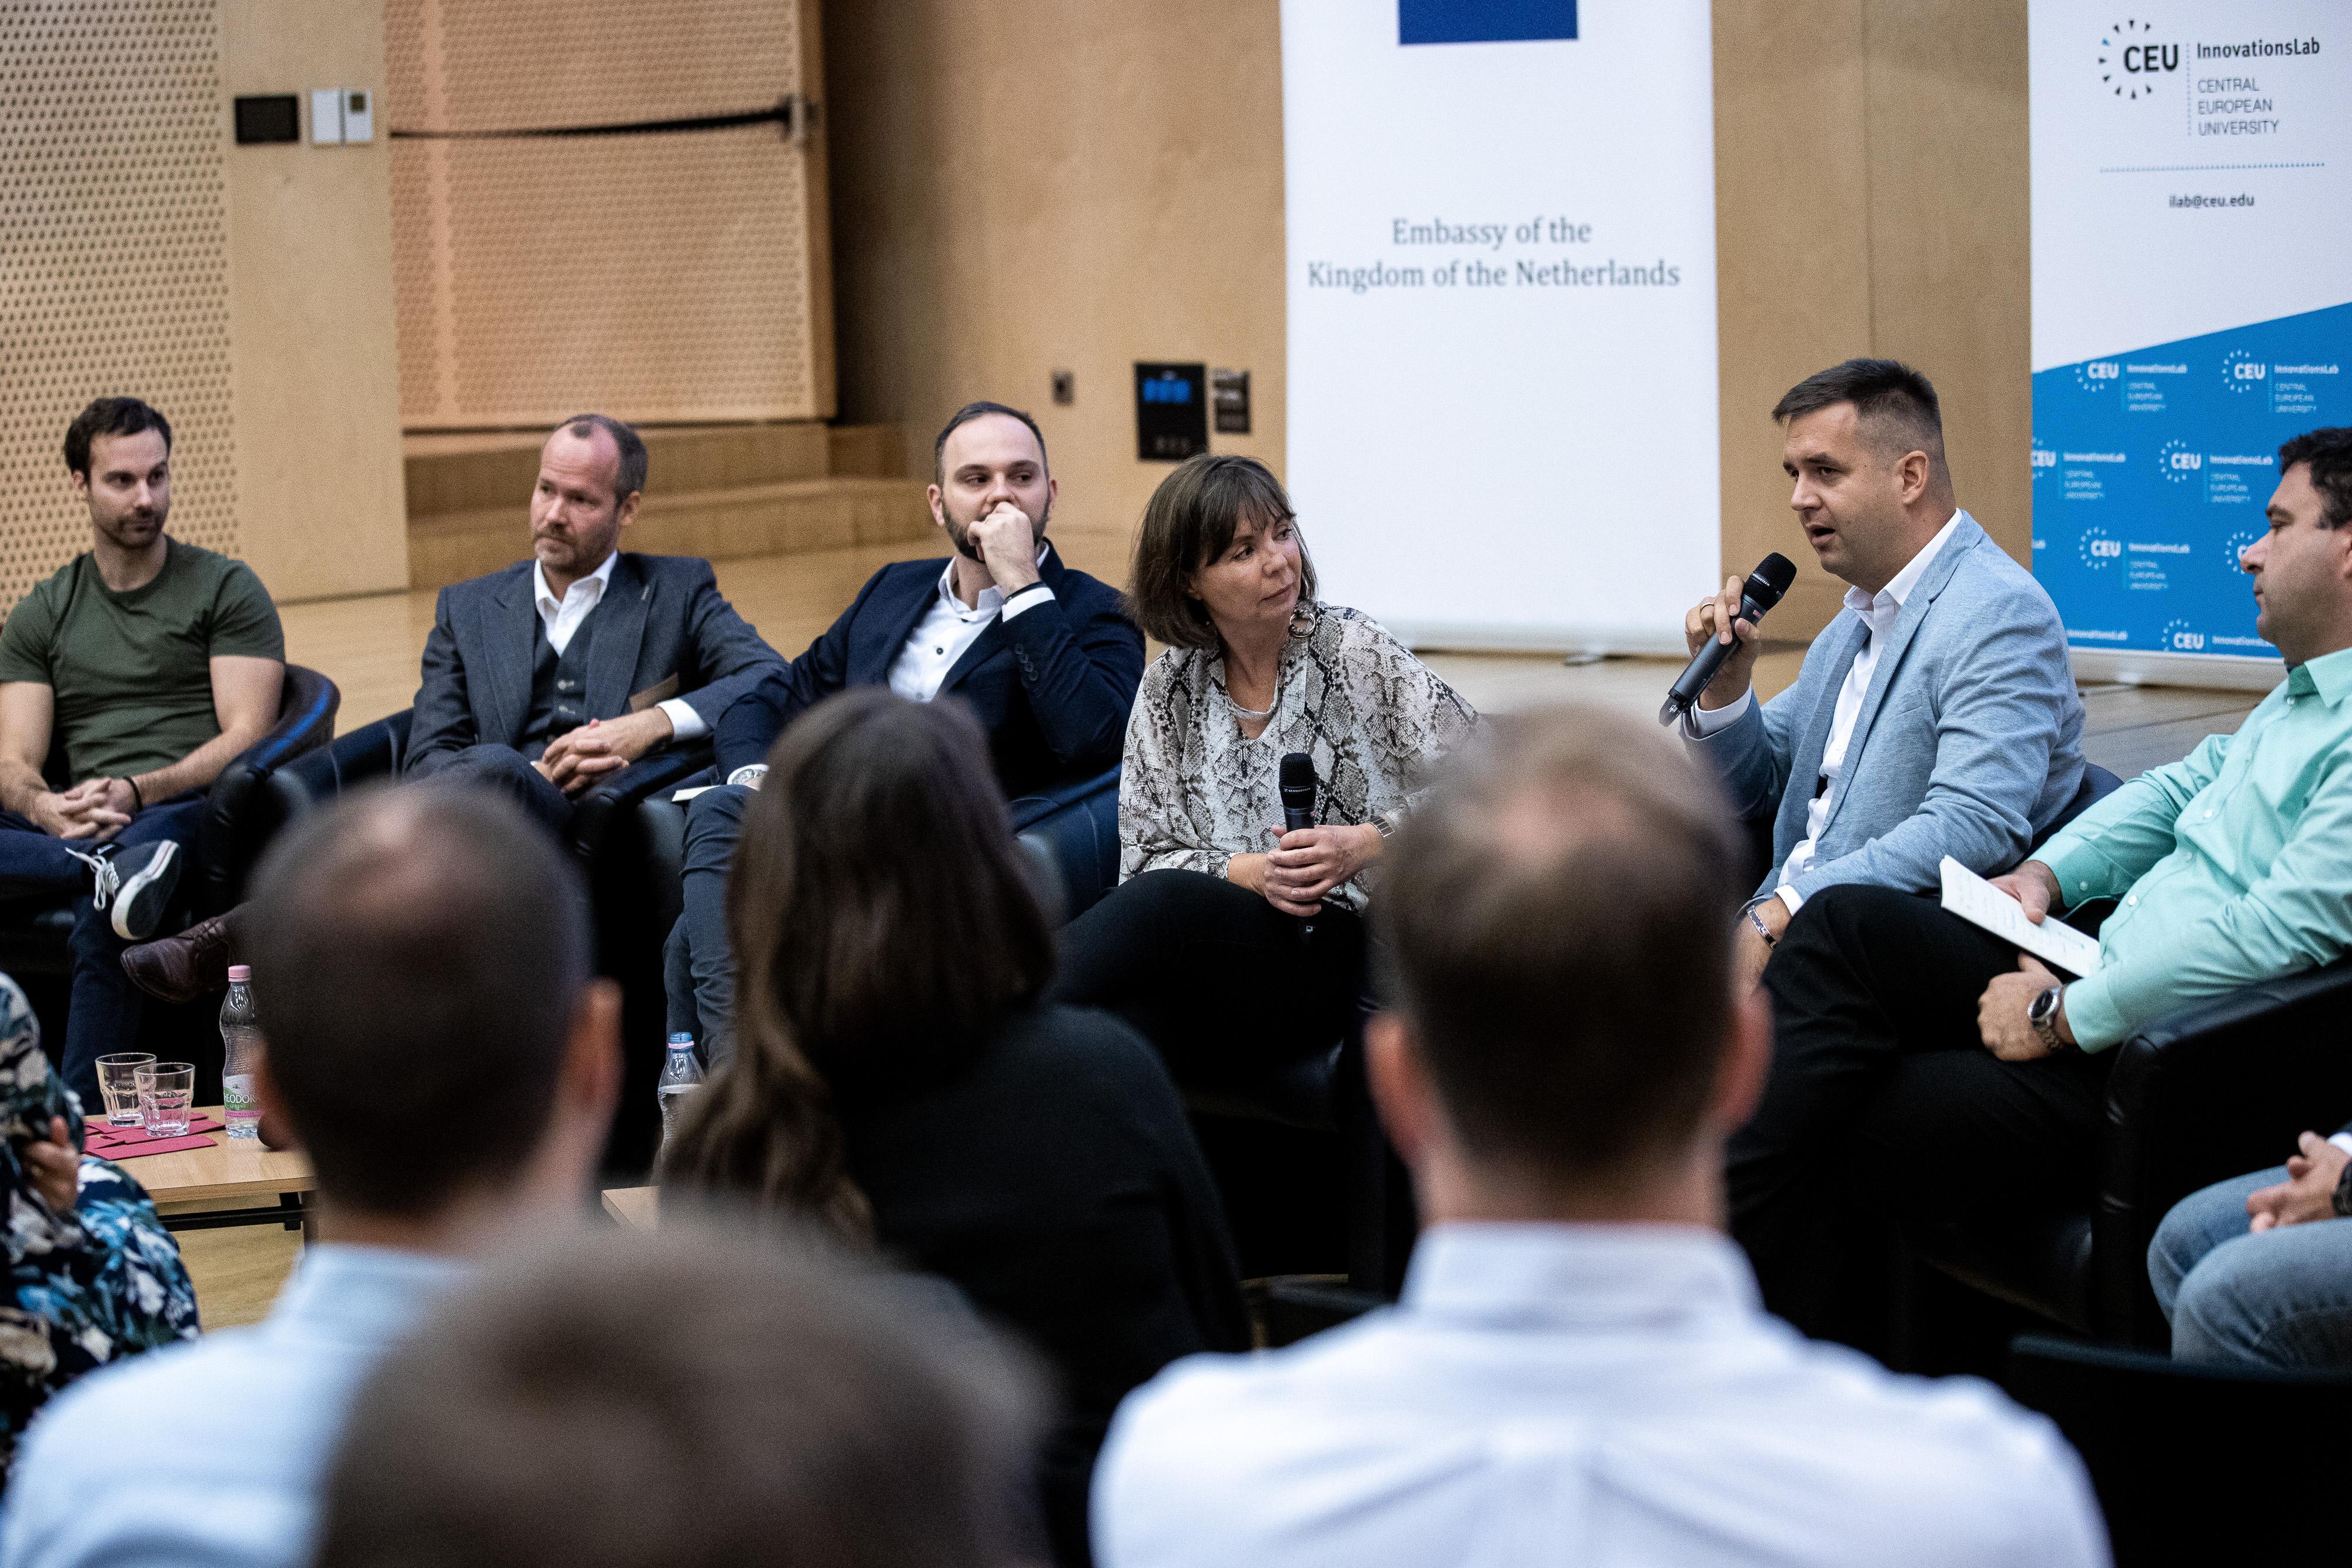 iLab director Andrea Kozma introducing the panel of innovators - Photo: CEU / Kepszerkesztoseg (Andras Dimeny)